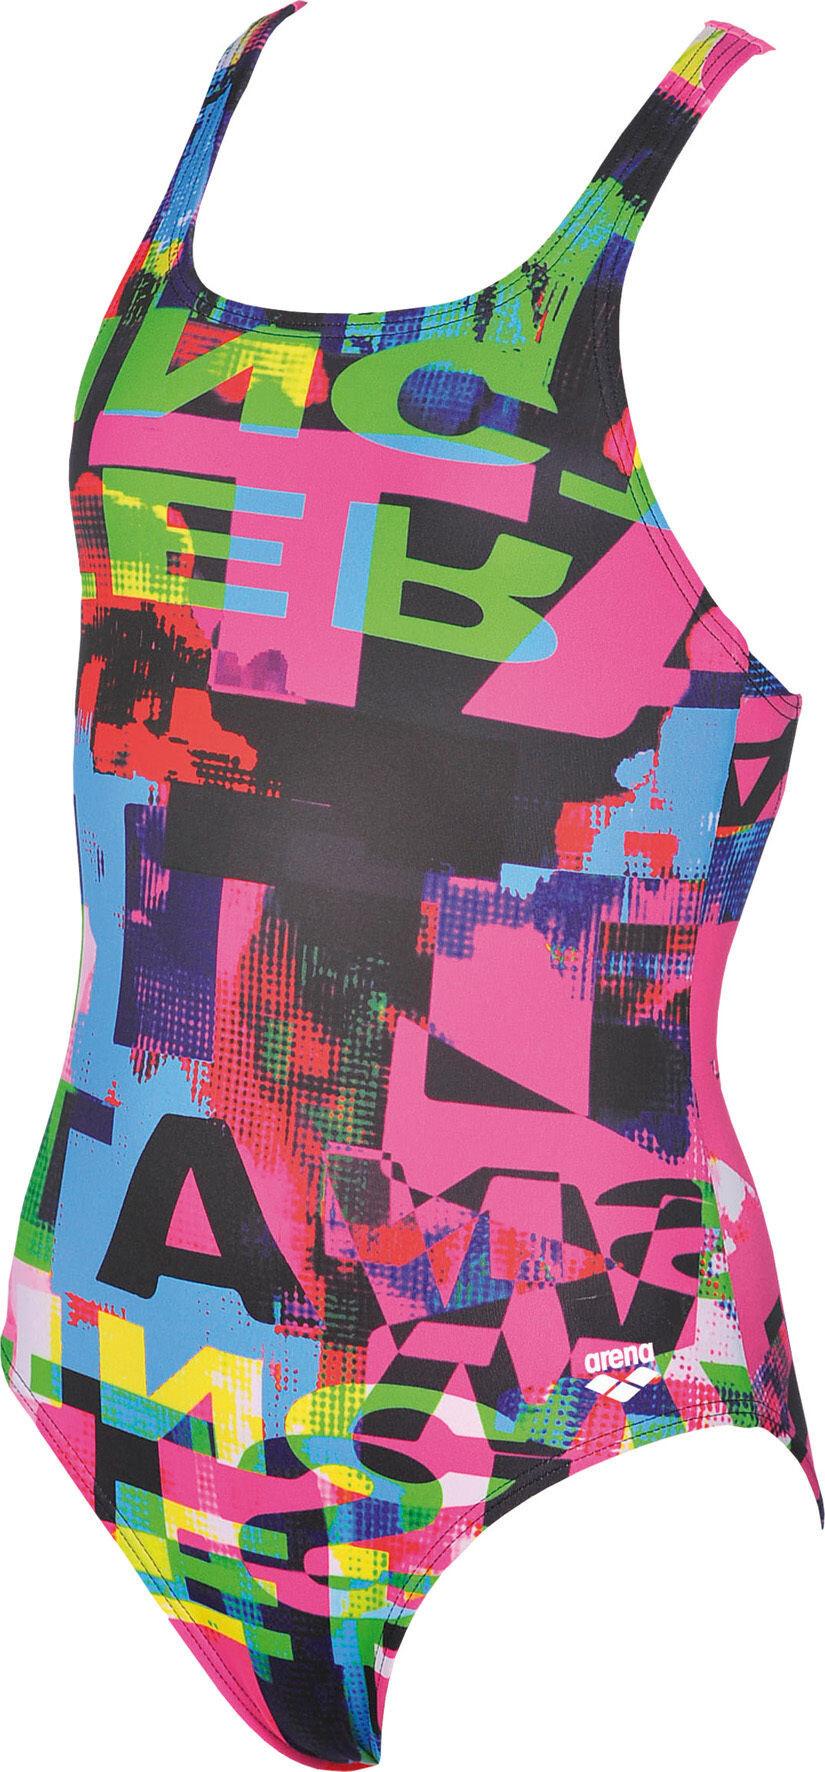 arena Instinct Jr Baddräkt pink flerfärgad - till fenomenalt pris på ... 278234dcf1635